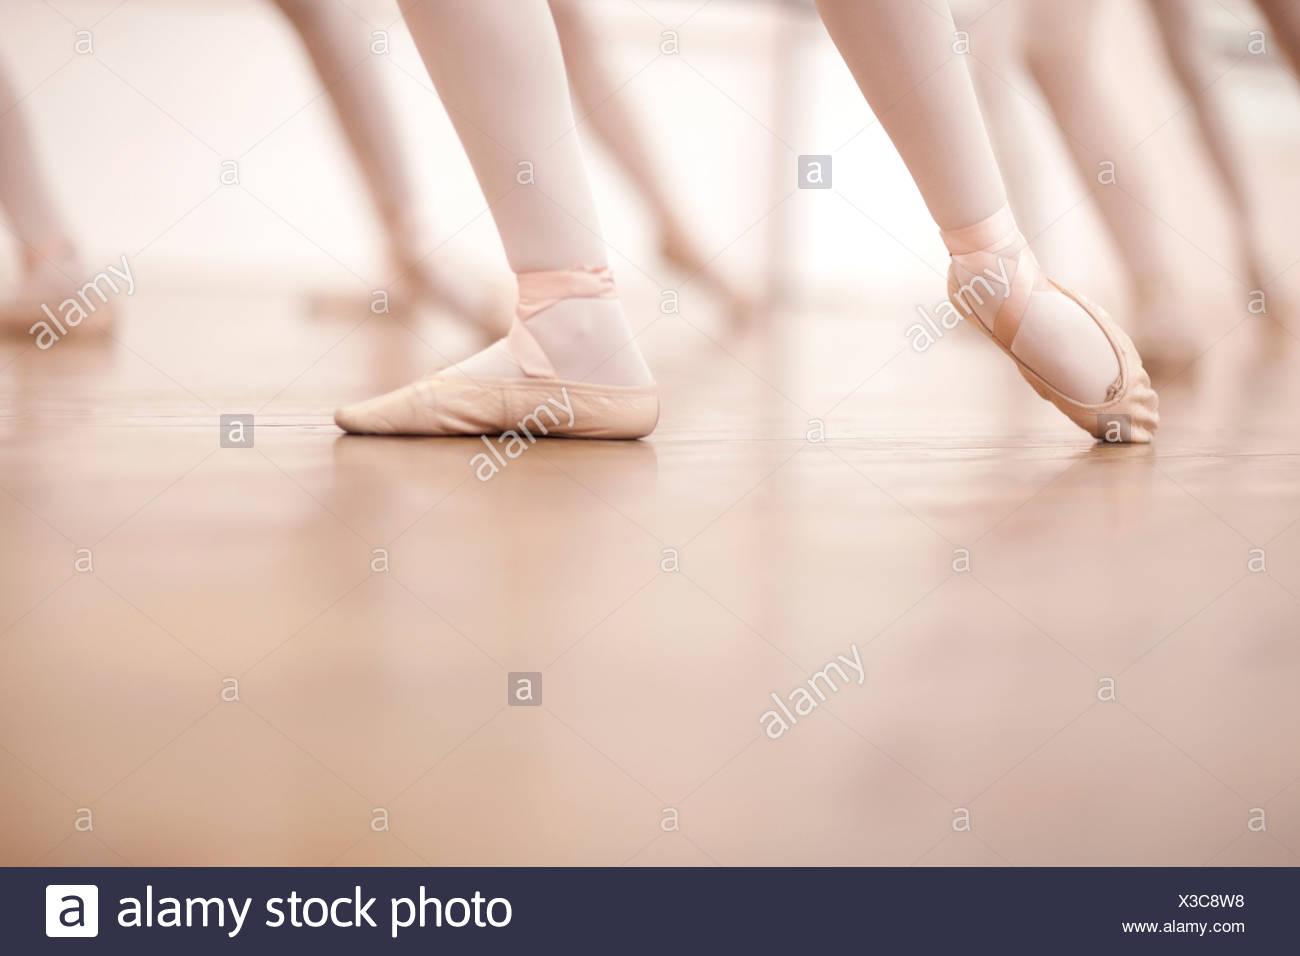 Detalle de las bailarinas de las piernas en la clase de baile Imagen De Stock